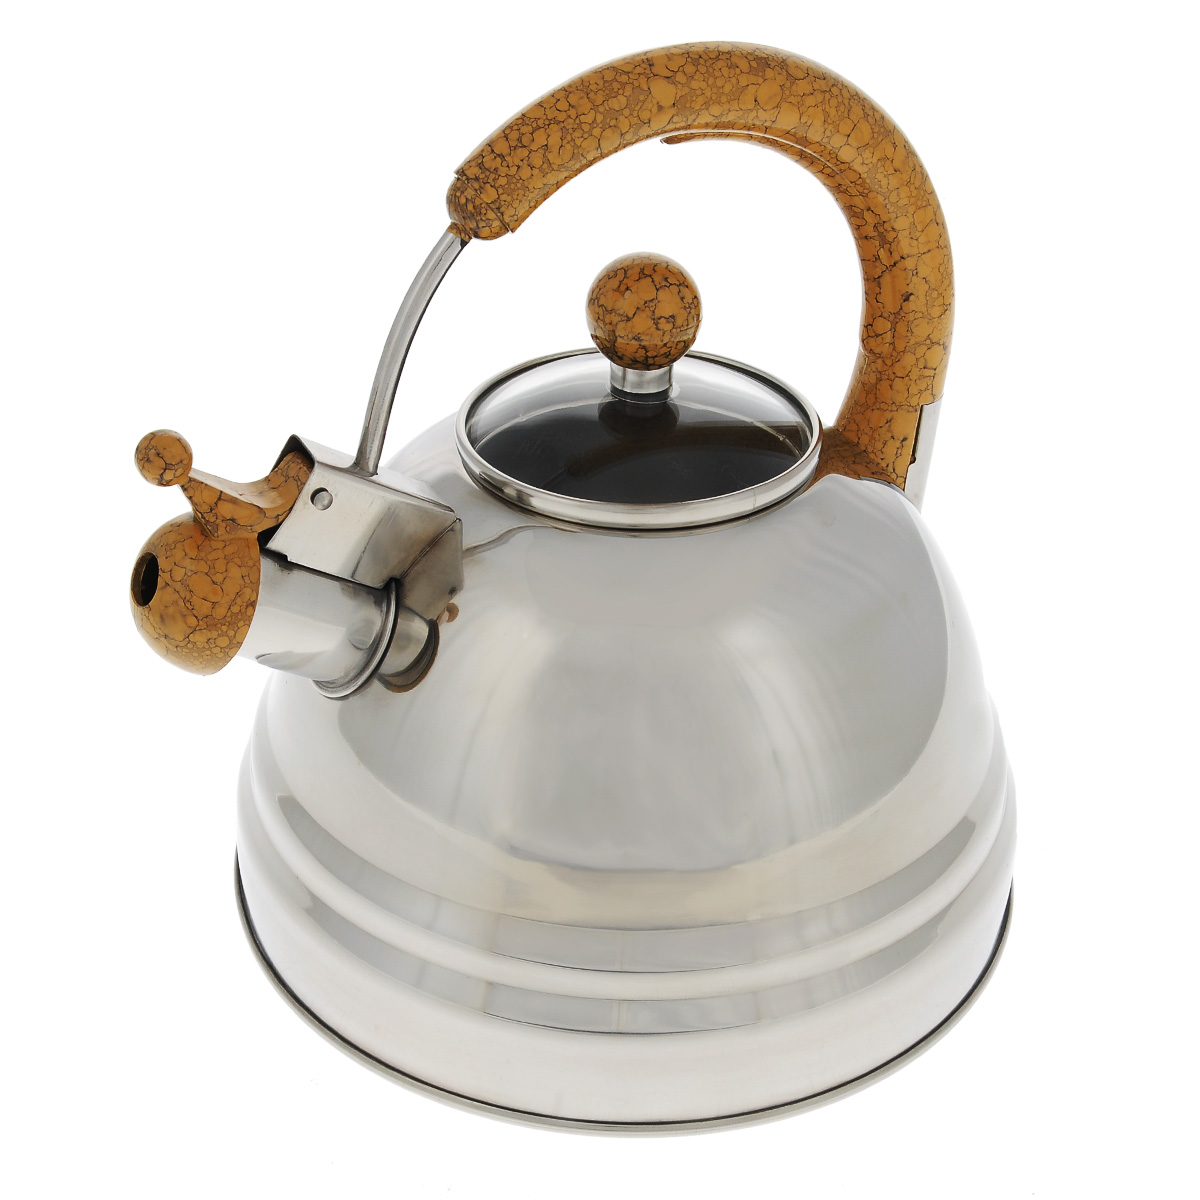 Чайник Bekker Koch со свистком, цвет: коричневый, 3 л. BK-S36894672Чайник Bekker Koch изготовлен из высококачественной нержавеющей стали 18/10 с зеркальной полировкой. Капсулированное дно распределяет тепло по всей поверхности, что позволяет чайнику быстро закипать. Эргономичная фиксированная ручка выполнена из бакелита коричневого цвета под мрамор. Крышка изготовлена из жаростойкого стекла. Носик оснащен откидным свистком, который подскажет, когда вода закипела. Свисток открывается и закрывается с помощью рычага на носике. Подходит для всех типов плит, кроме индукционных. Можно мыть в посудомоечной машине.